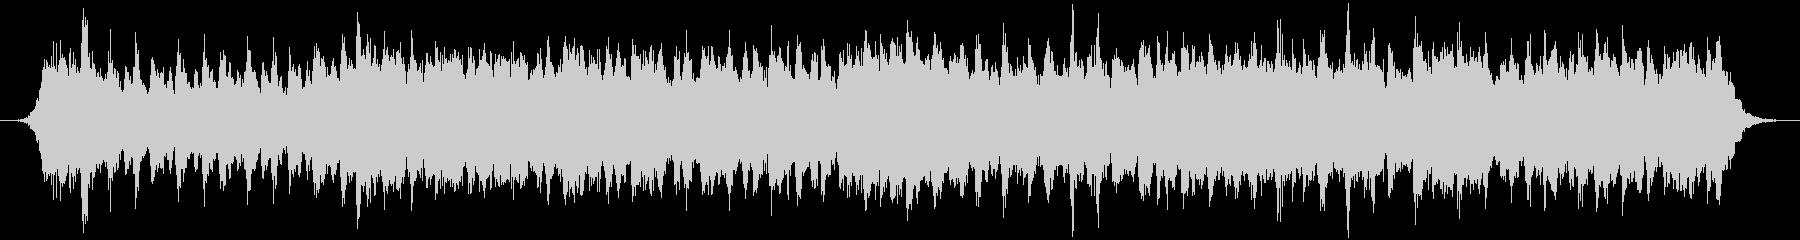 ゲームのオープニングBGM の未再生の波形